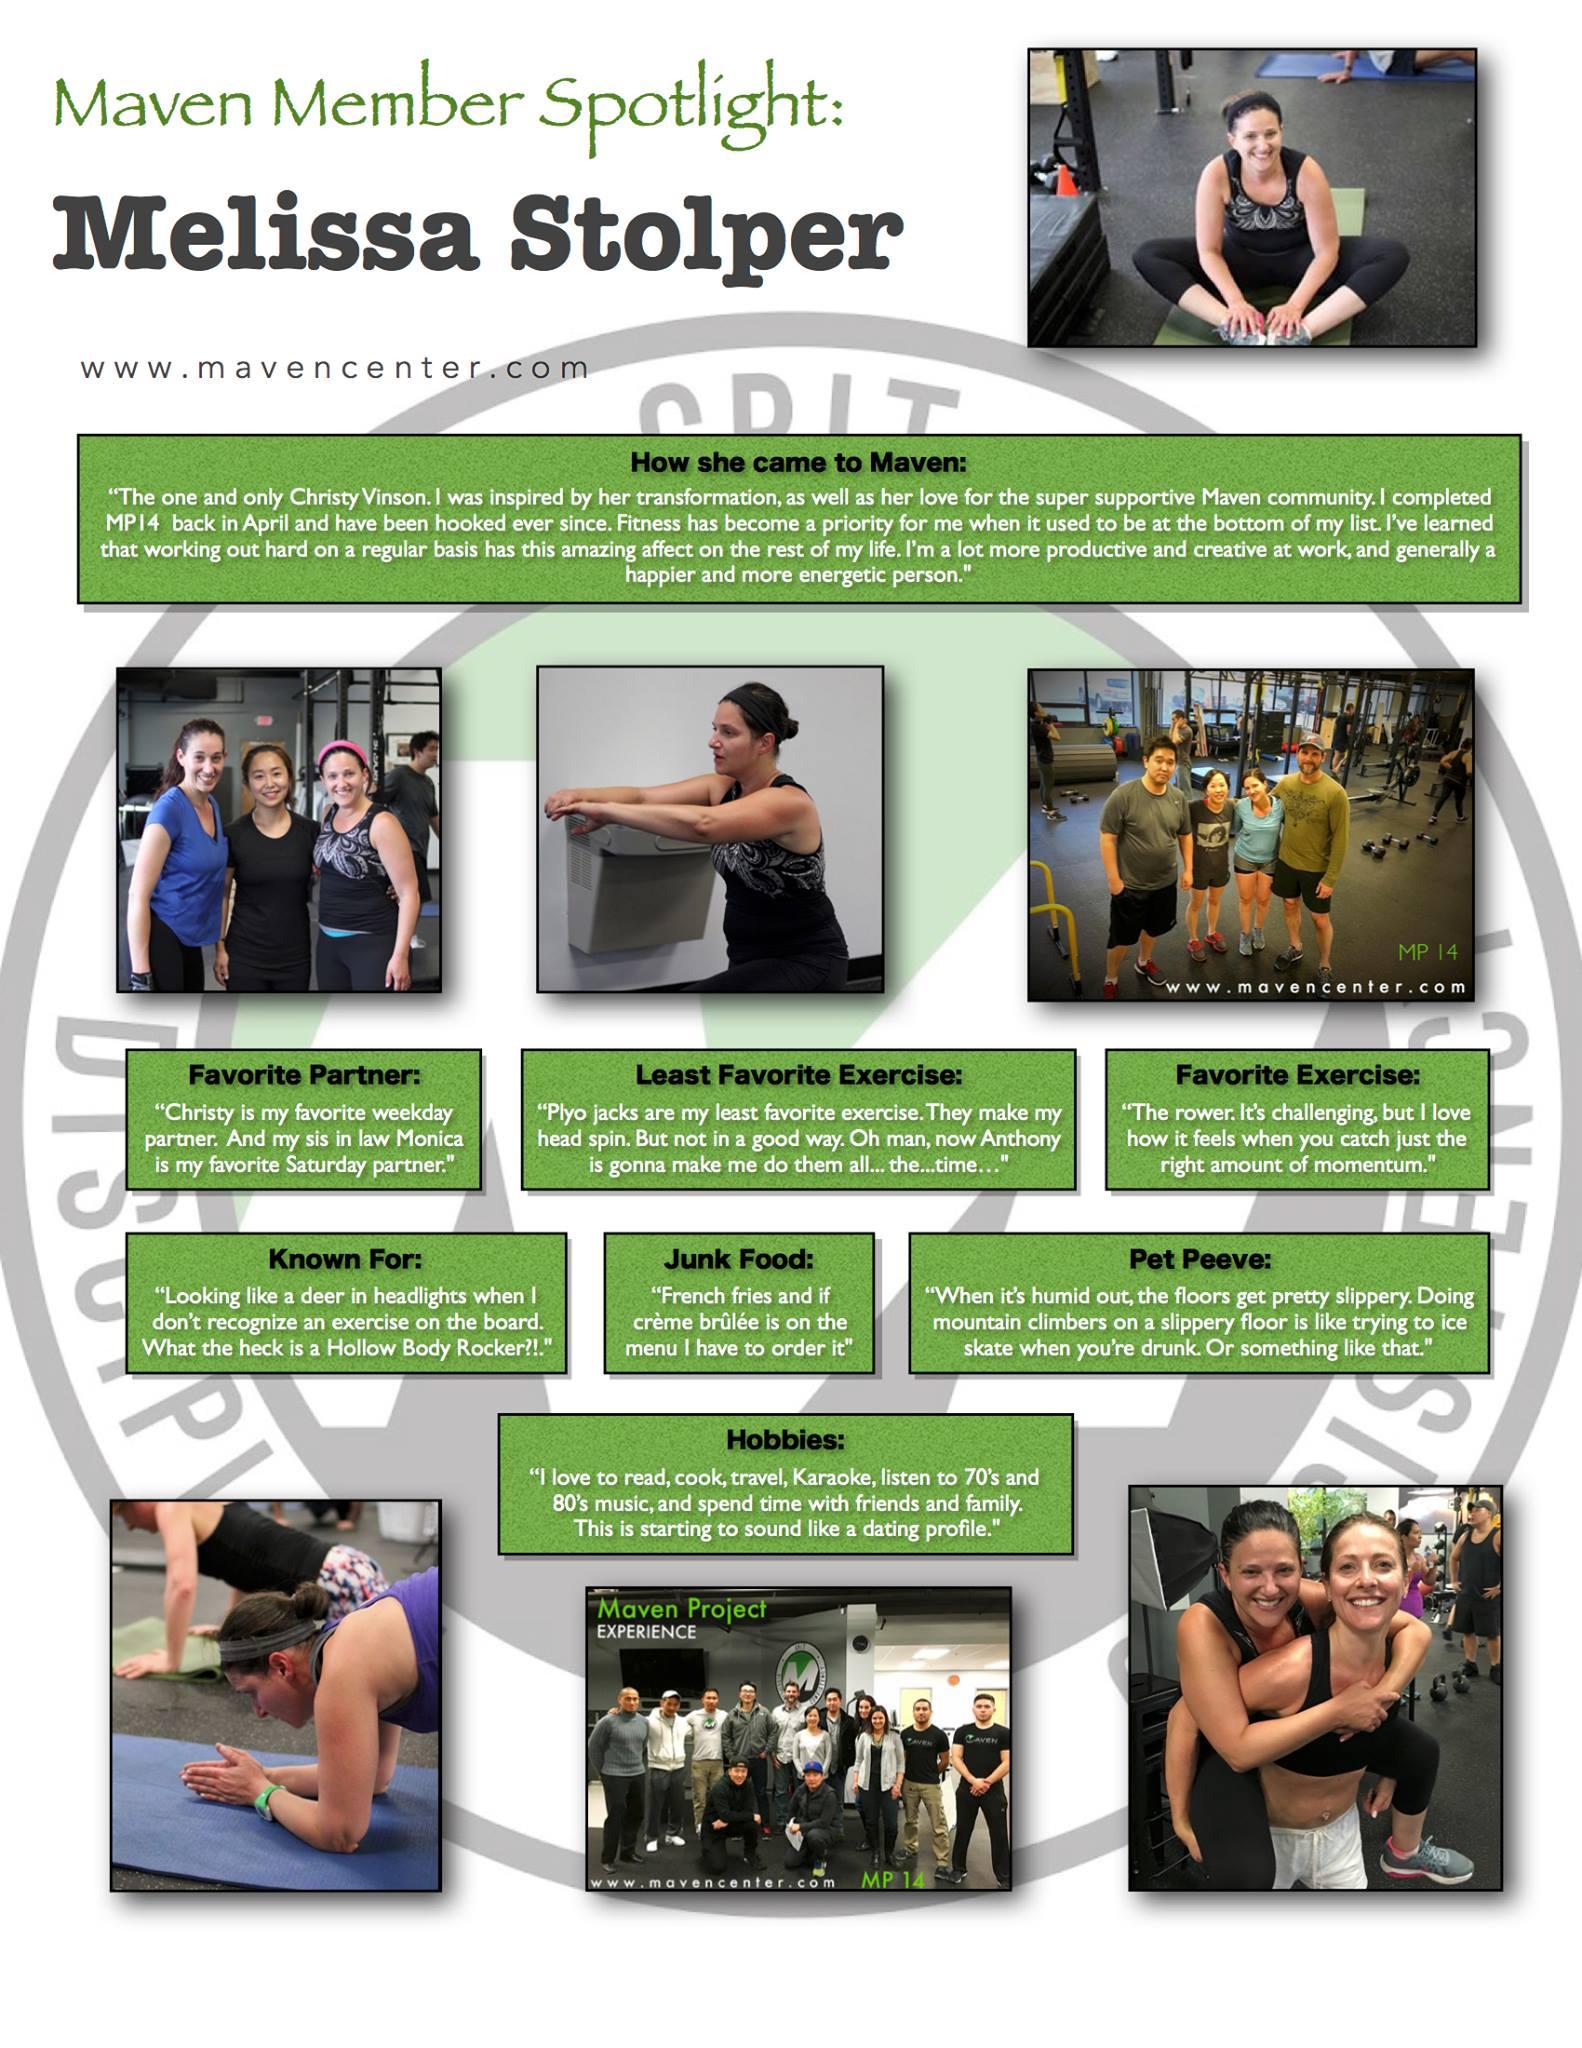 Melissa's Spotlight